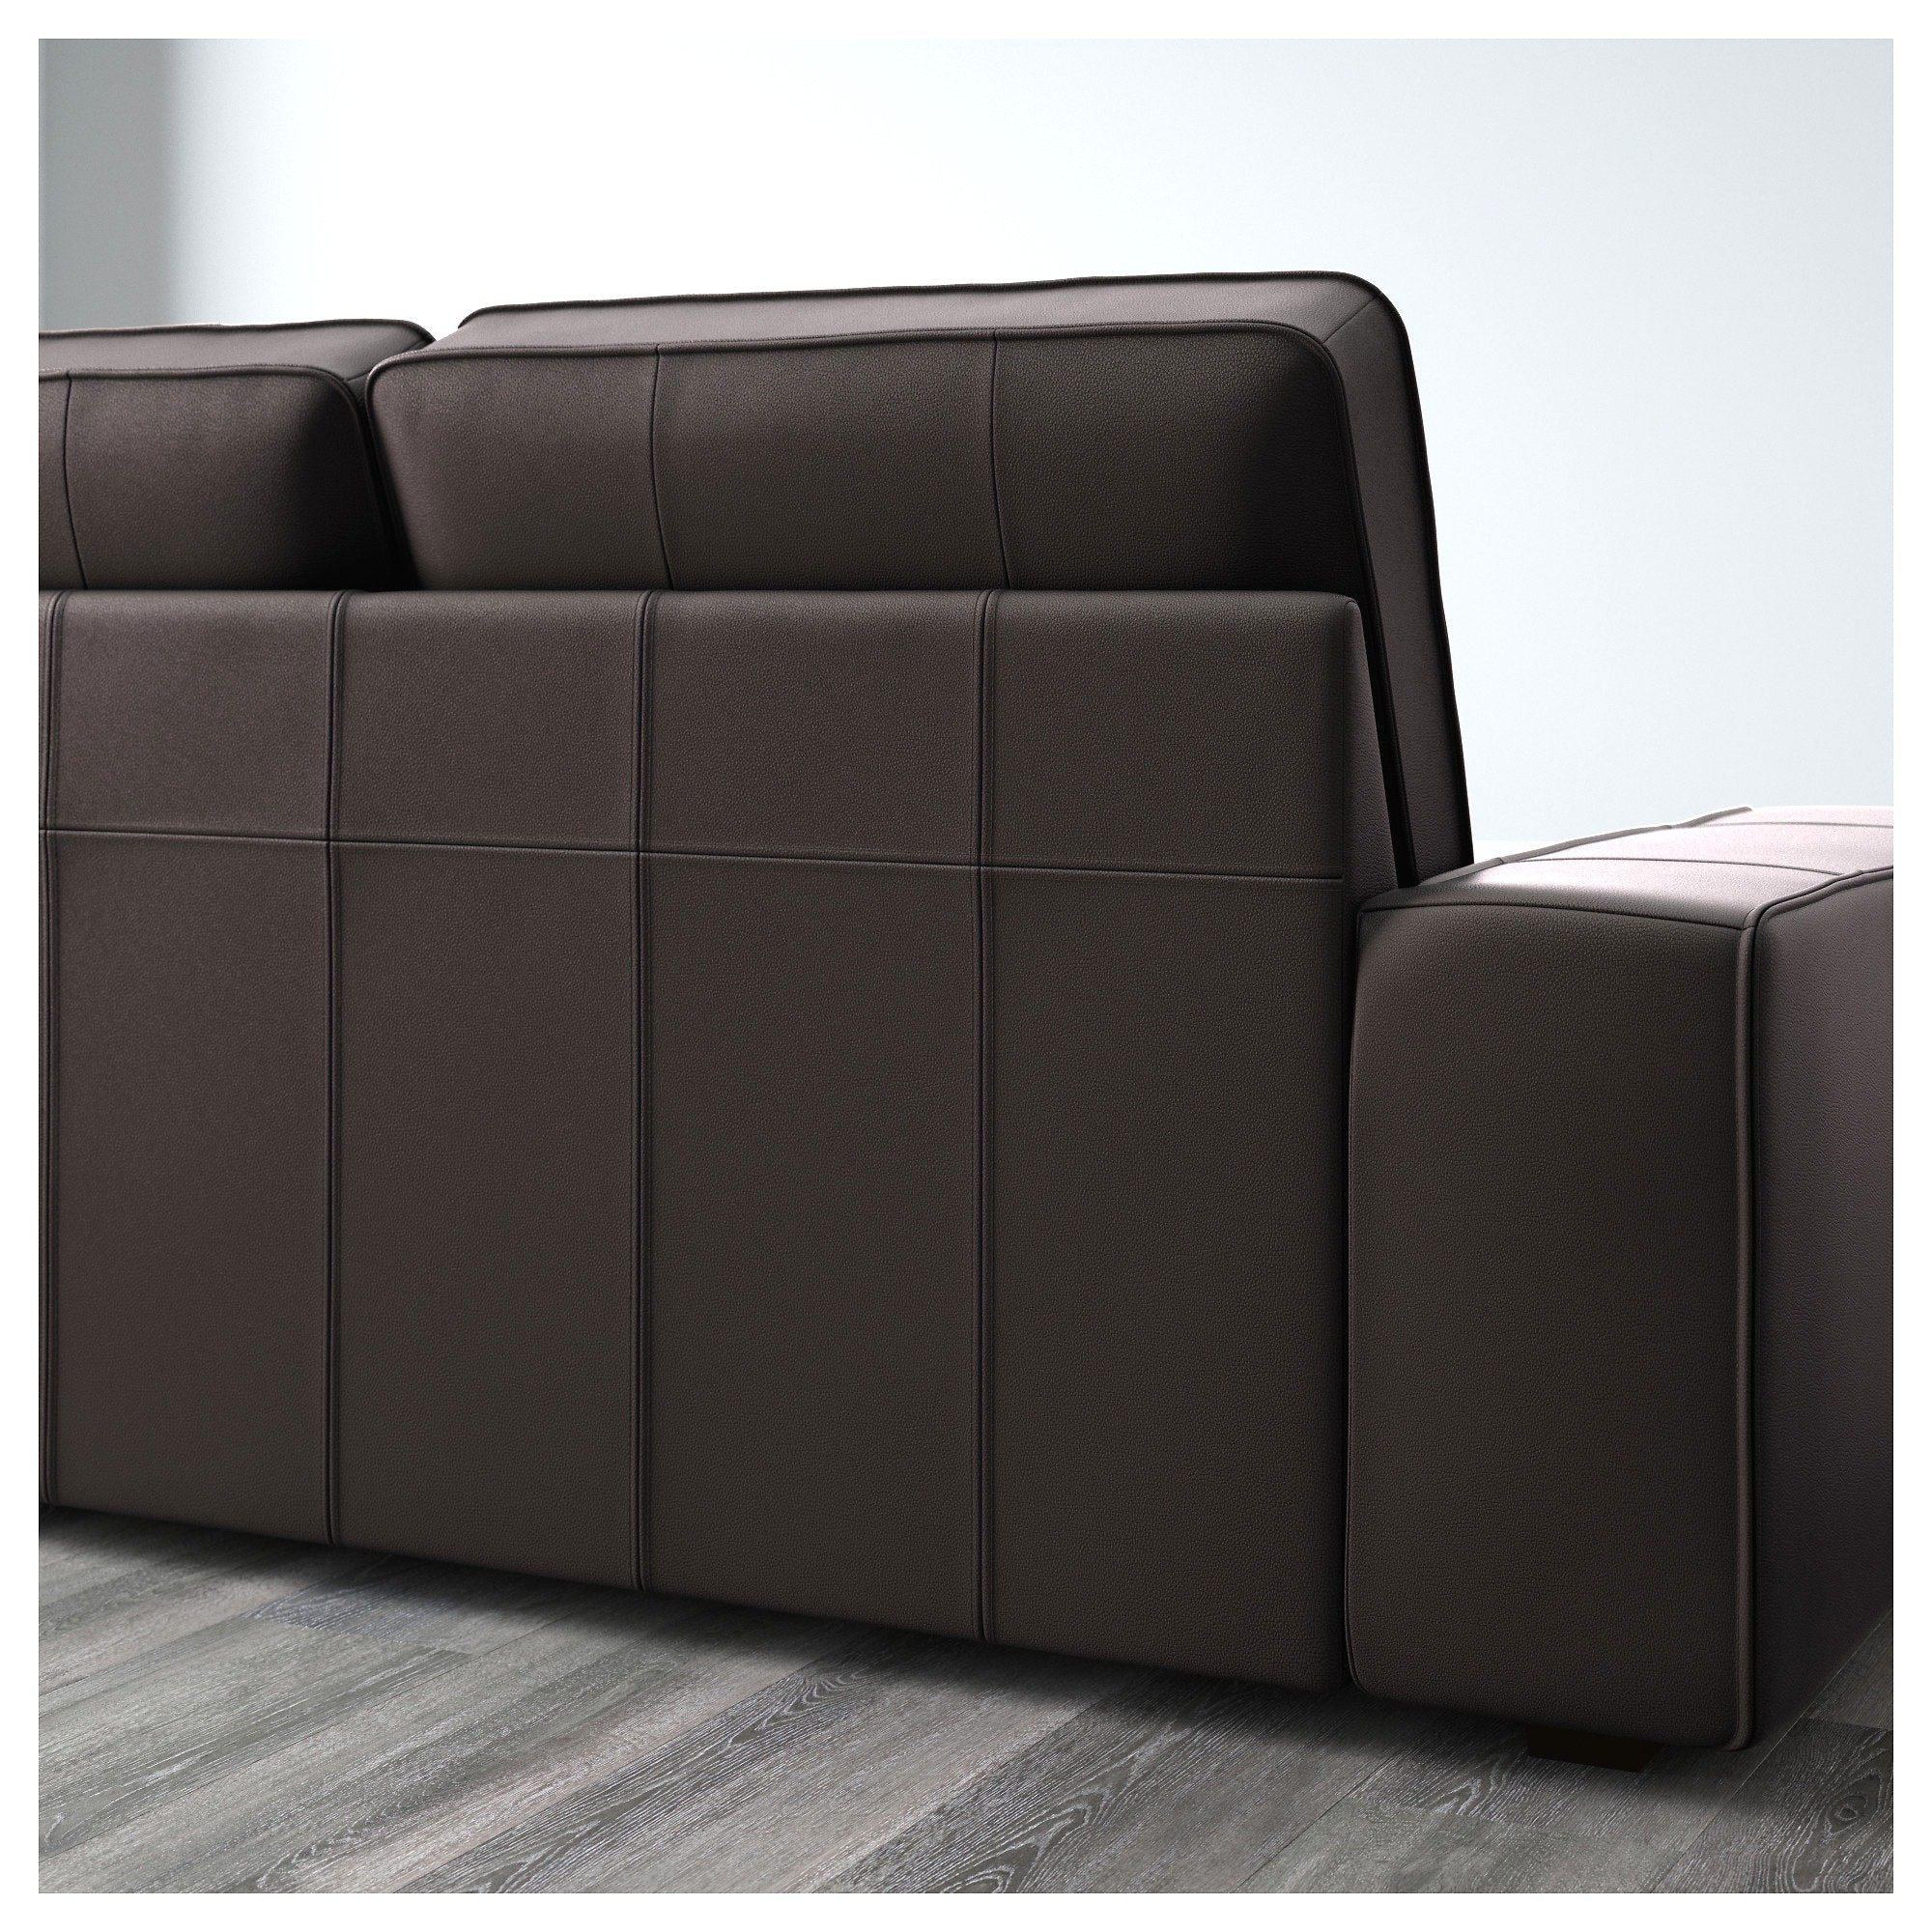 Canapé Lit 2 Places Agréable Ikea Canape Angle Canapac Convertible but Best Lit Con D Destinac